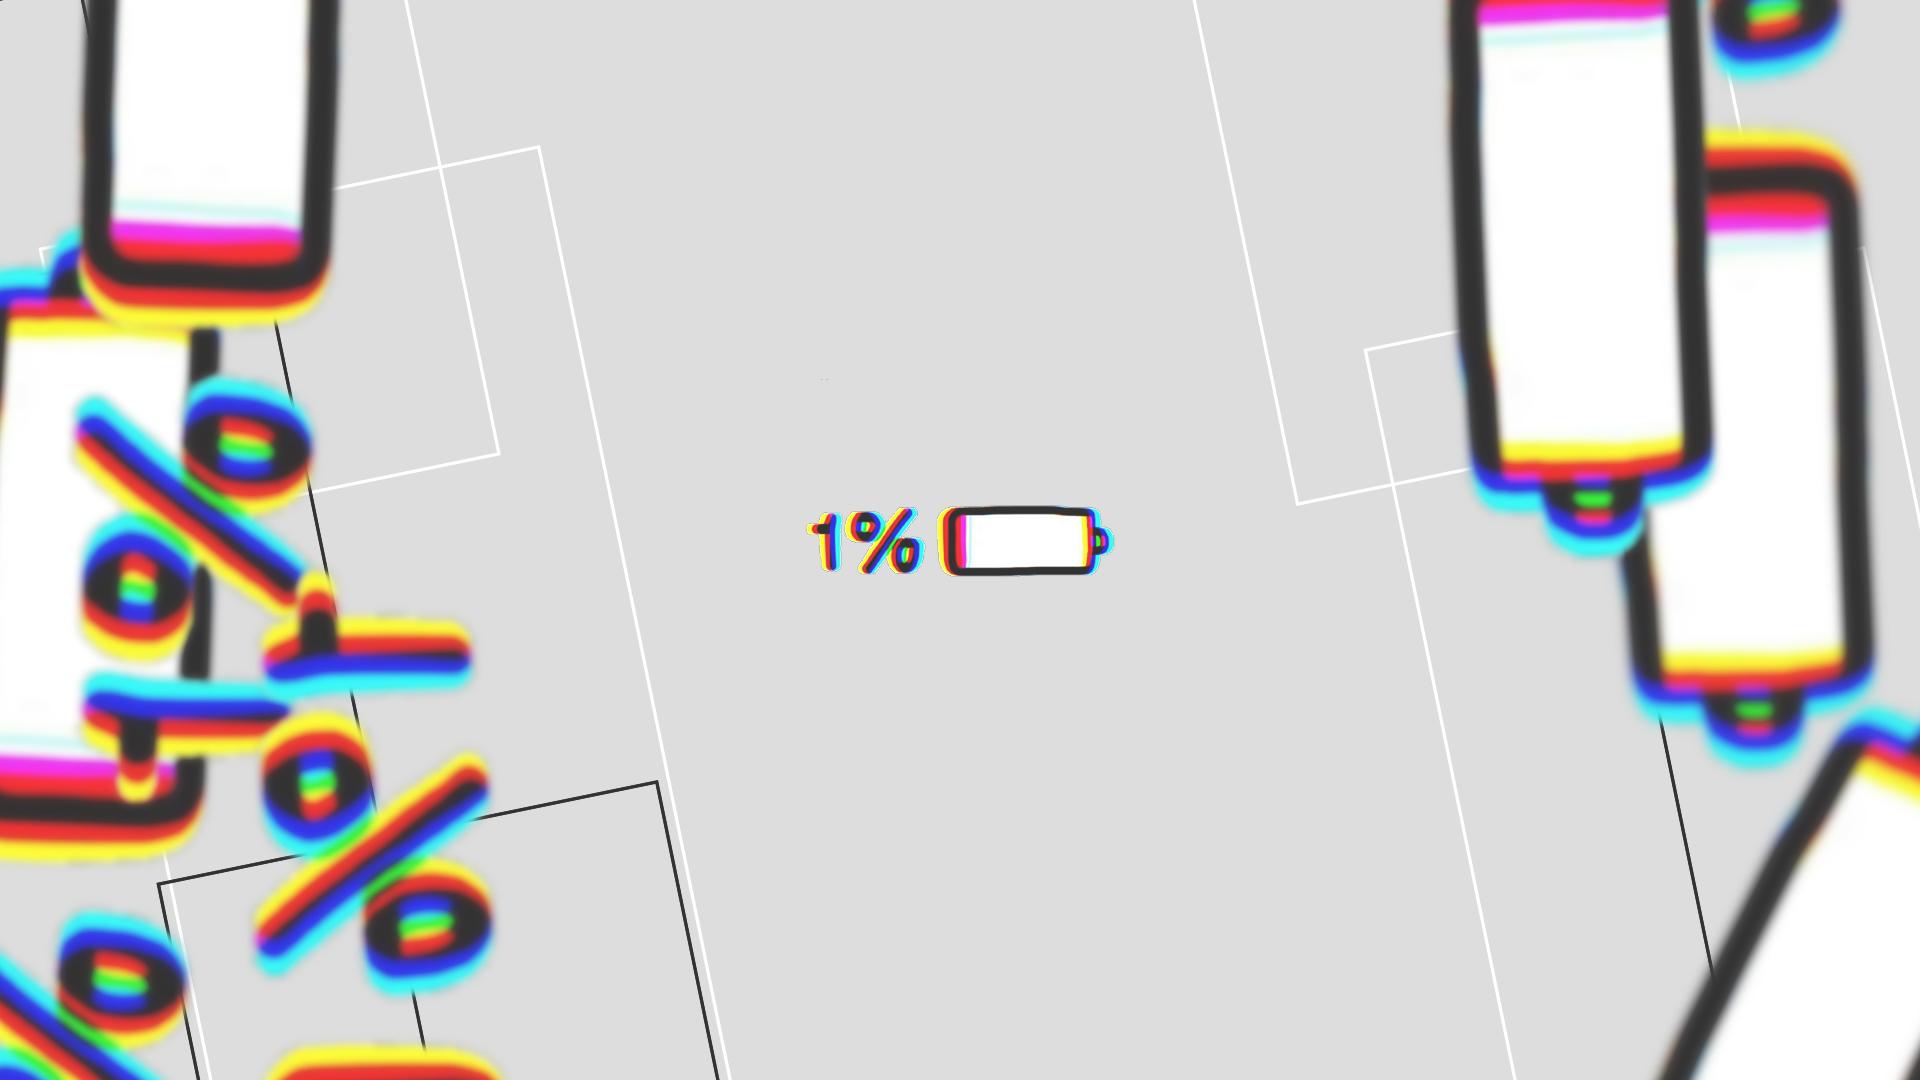 Papel De Parede 1920x1080 Full Hd: Glitch Battery Desktop Wallpaper Full HD Papel De Parede